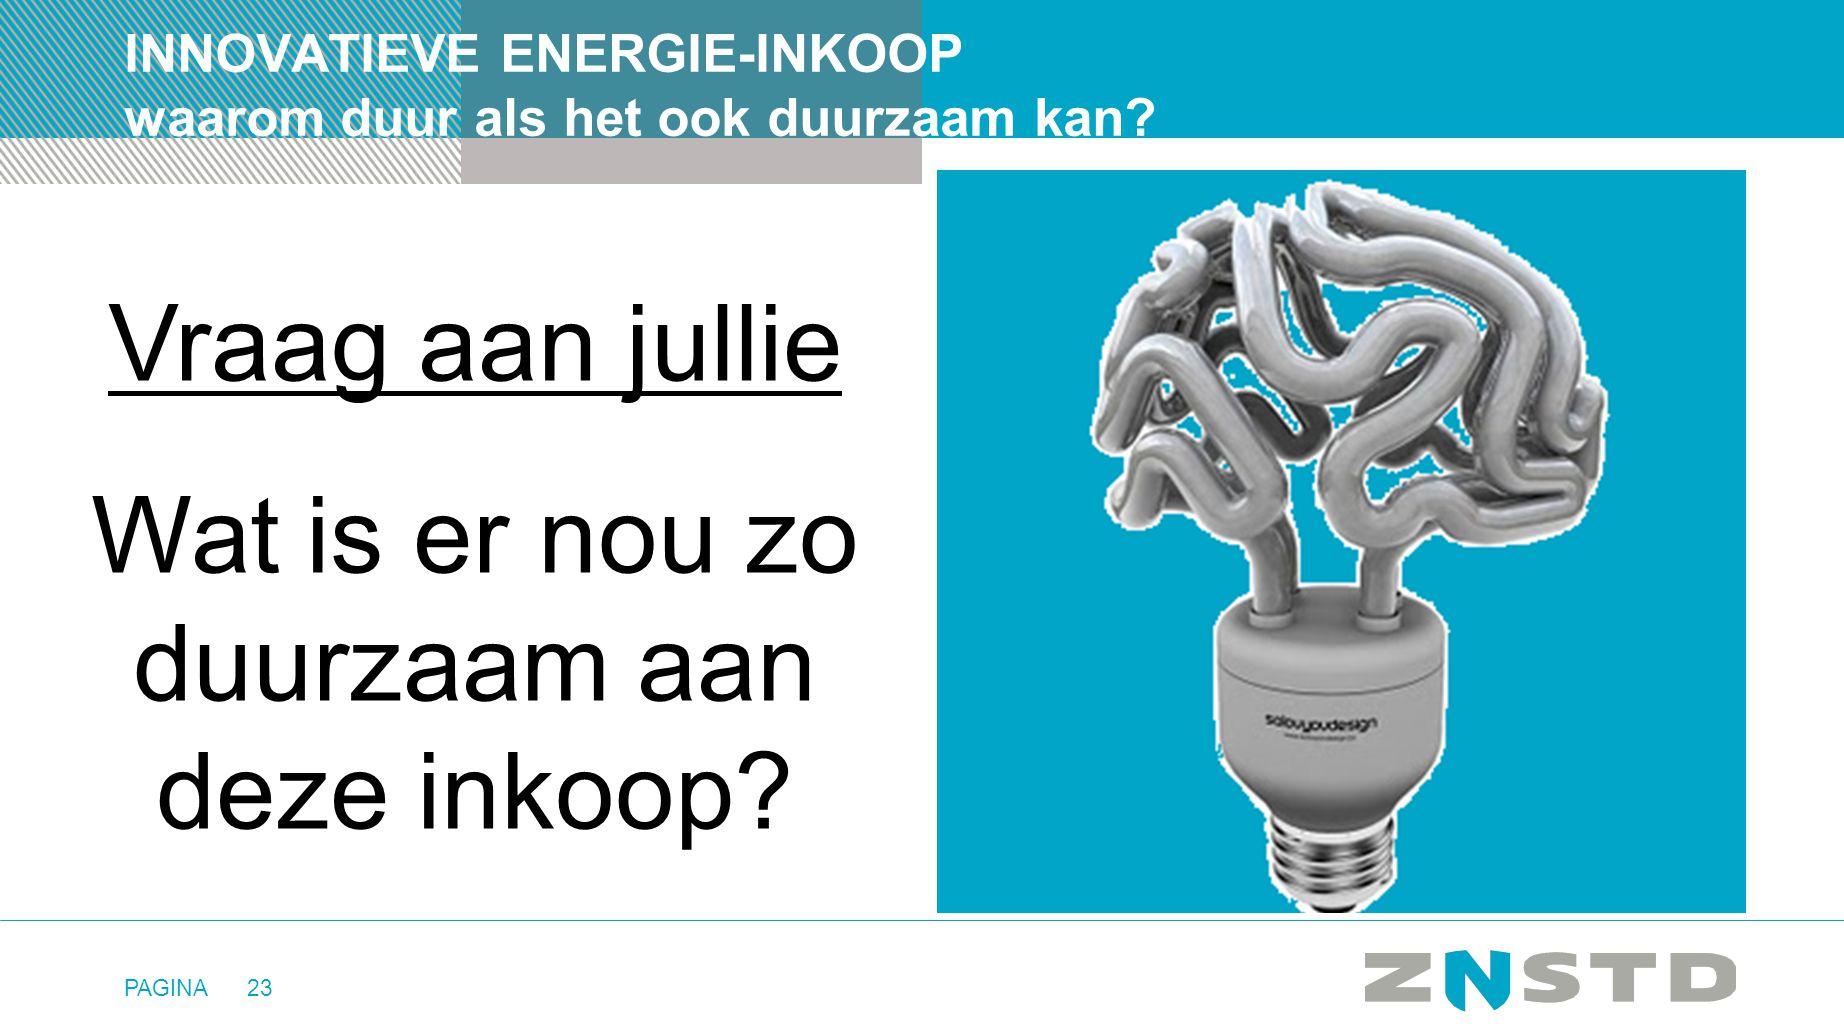 PAGINA23 INNOVATIEVE ENERGIE-INKOOP waarom duur als het ook duurzaam kan? Vraag aan jullie Wat is er nou zo duurzaam aan deze inkoop?